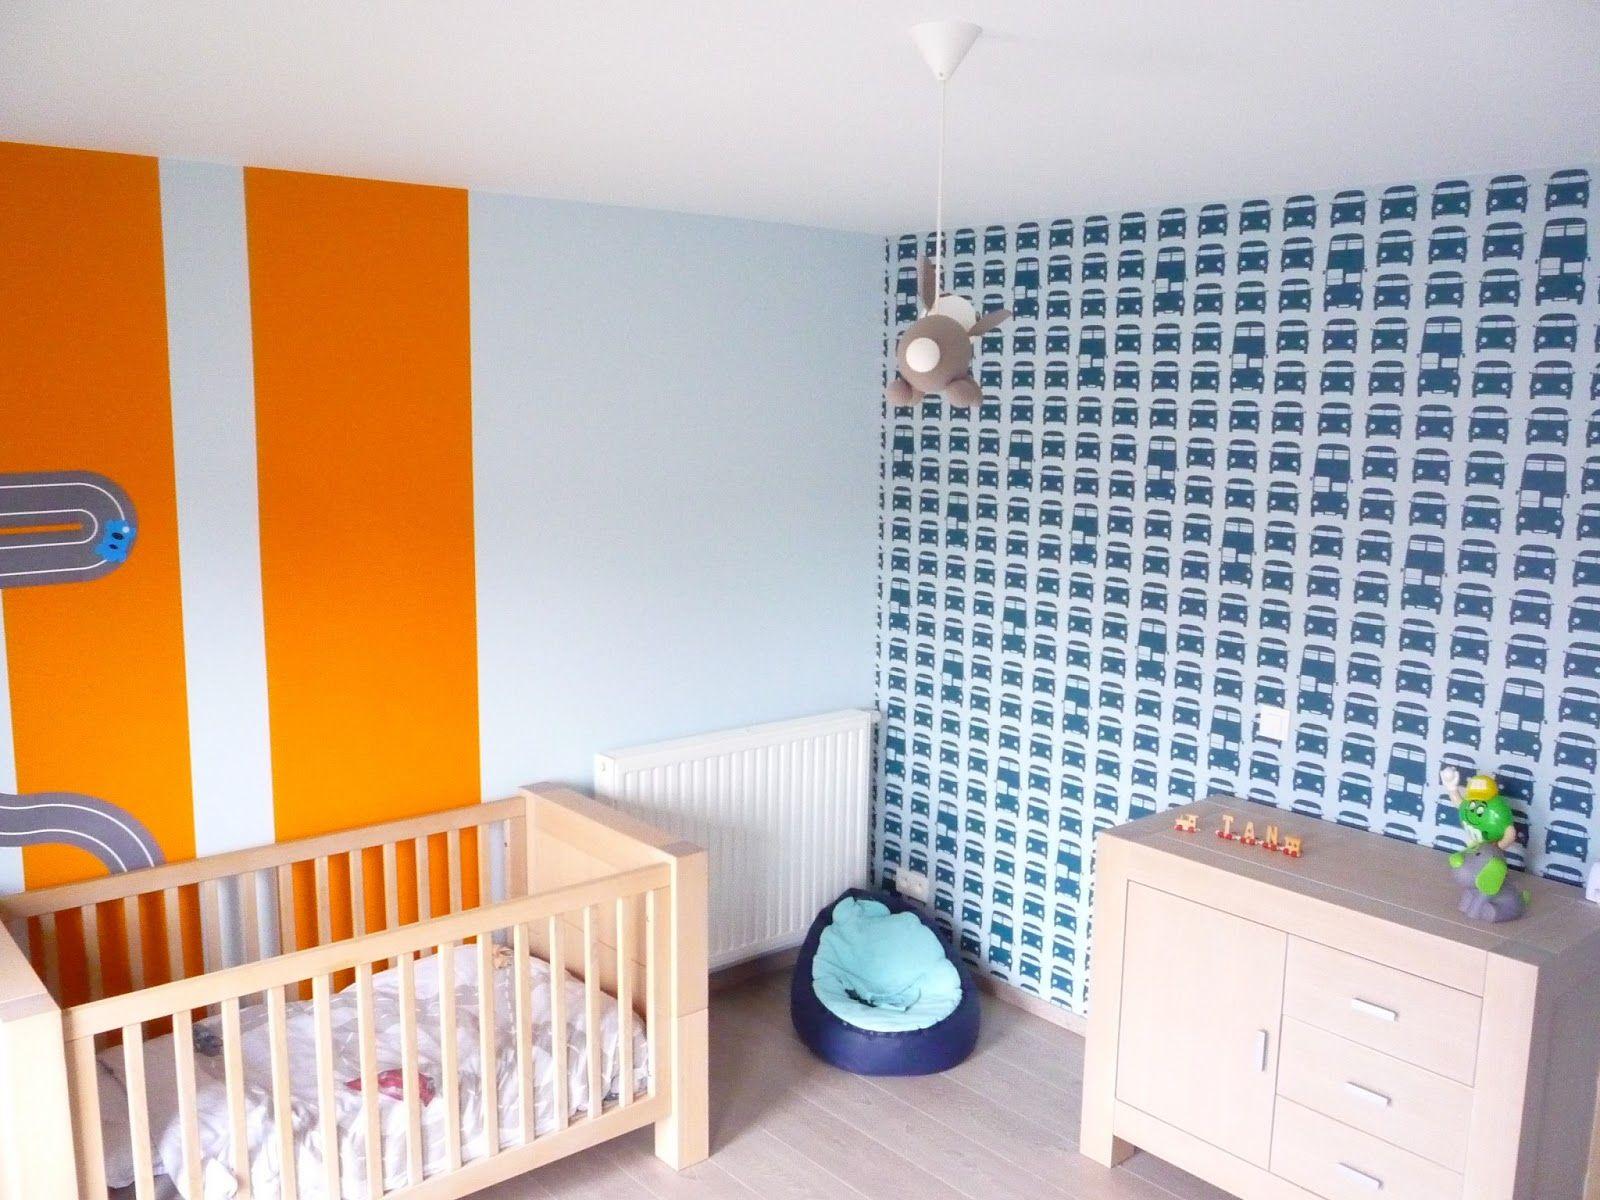 Behang Kinderkamer Ruimtevaart : Kinderkamer thema. perfect heb je een idee maar vind je dit niet